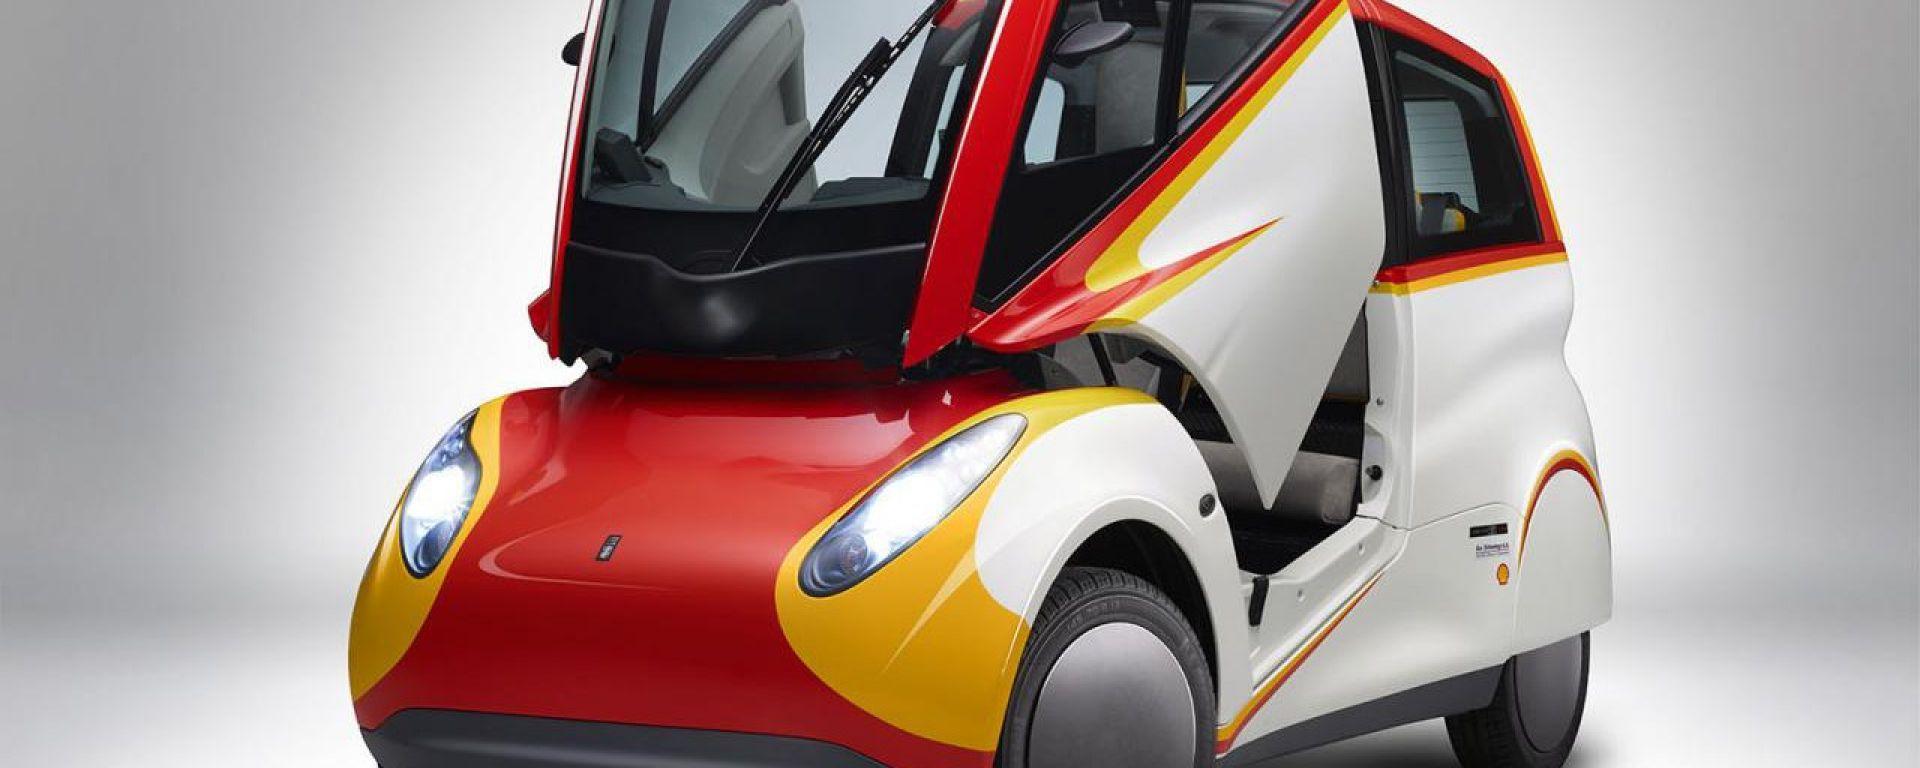 Shell concept car: ecco come le citycar possono consumare meno